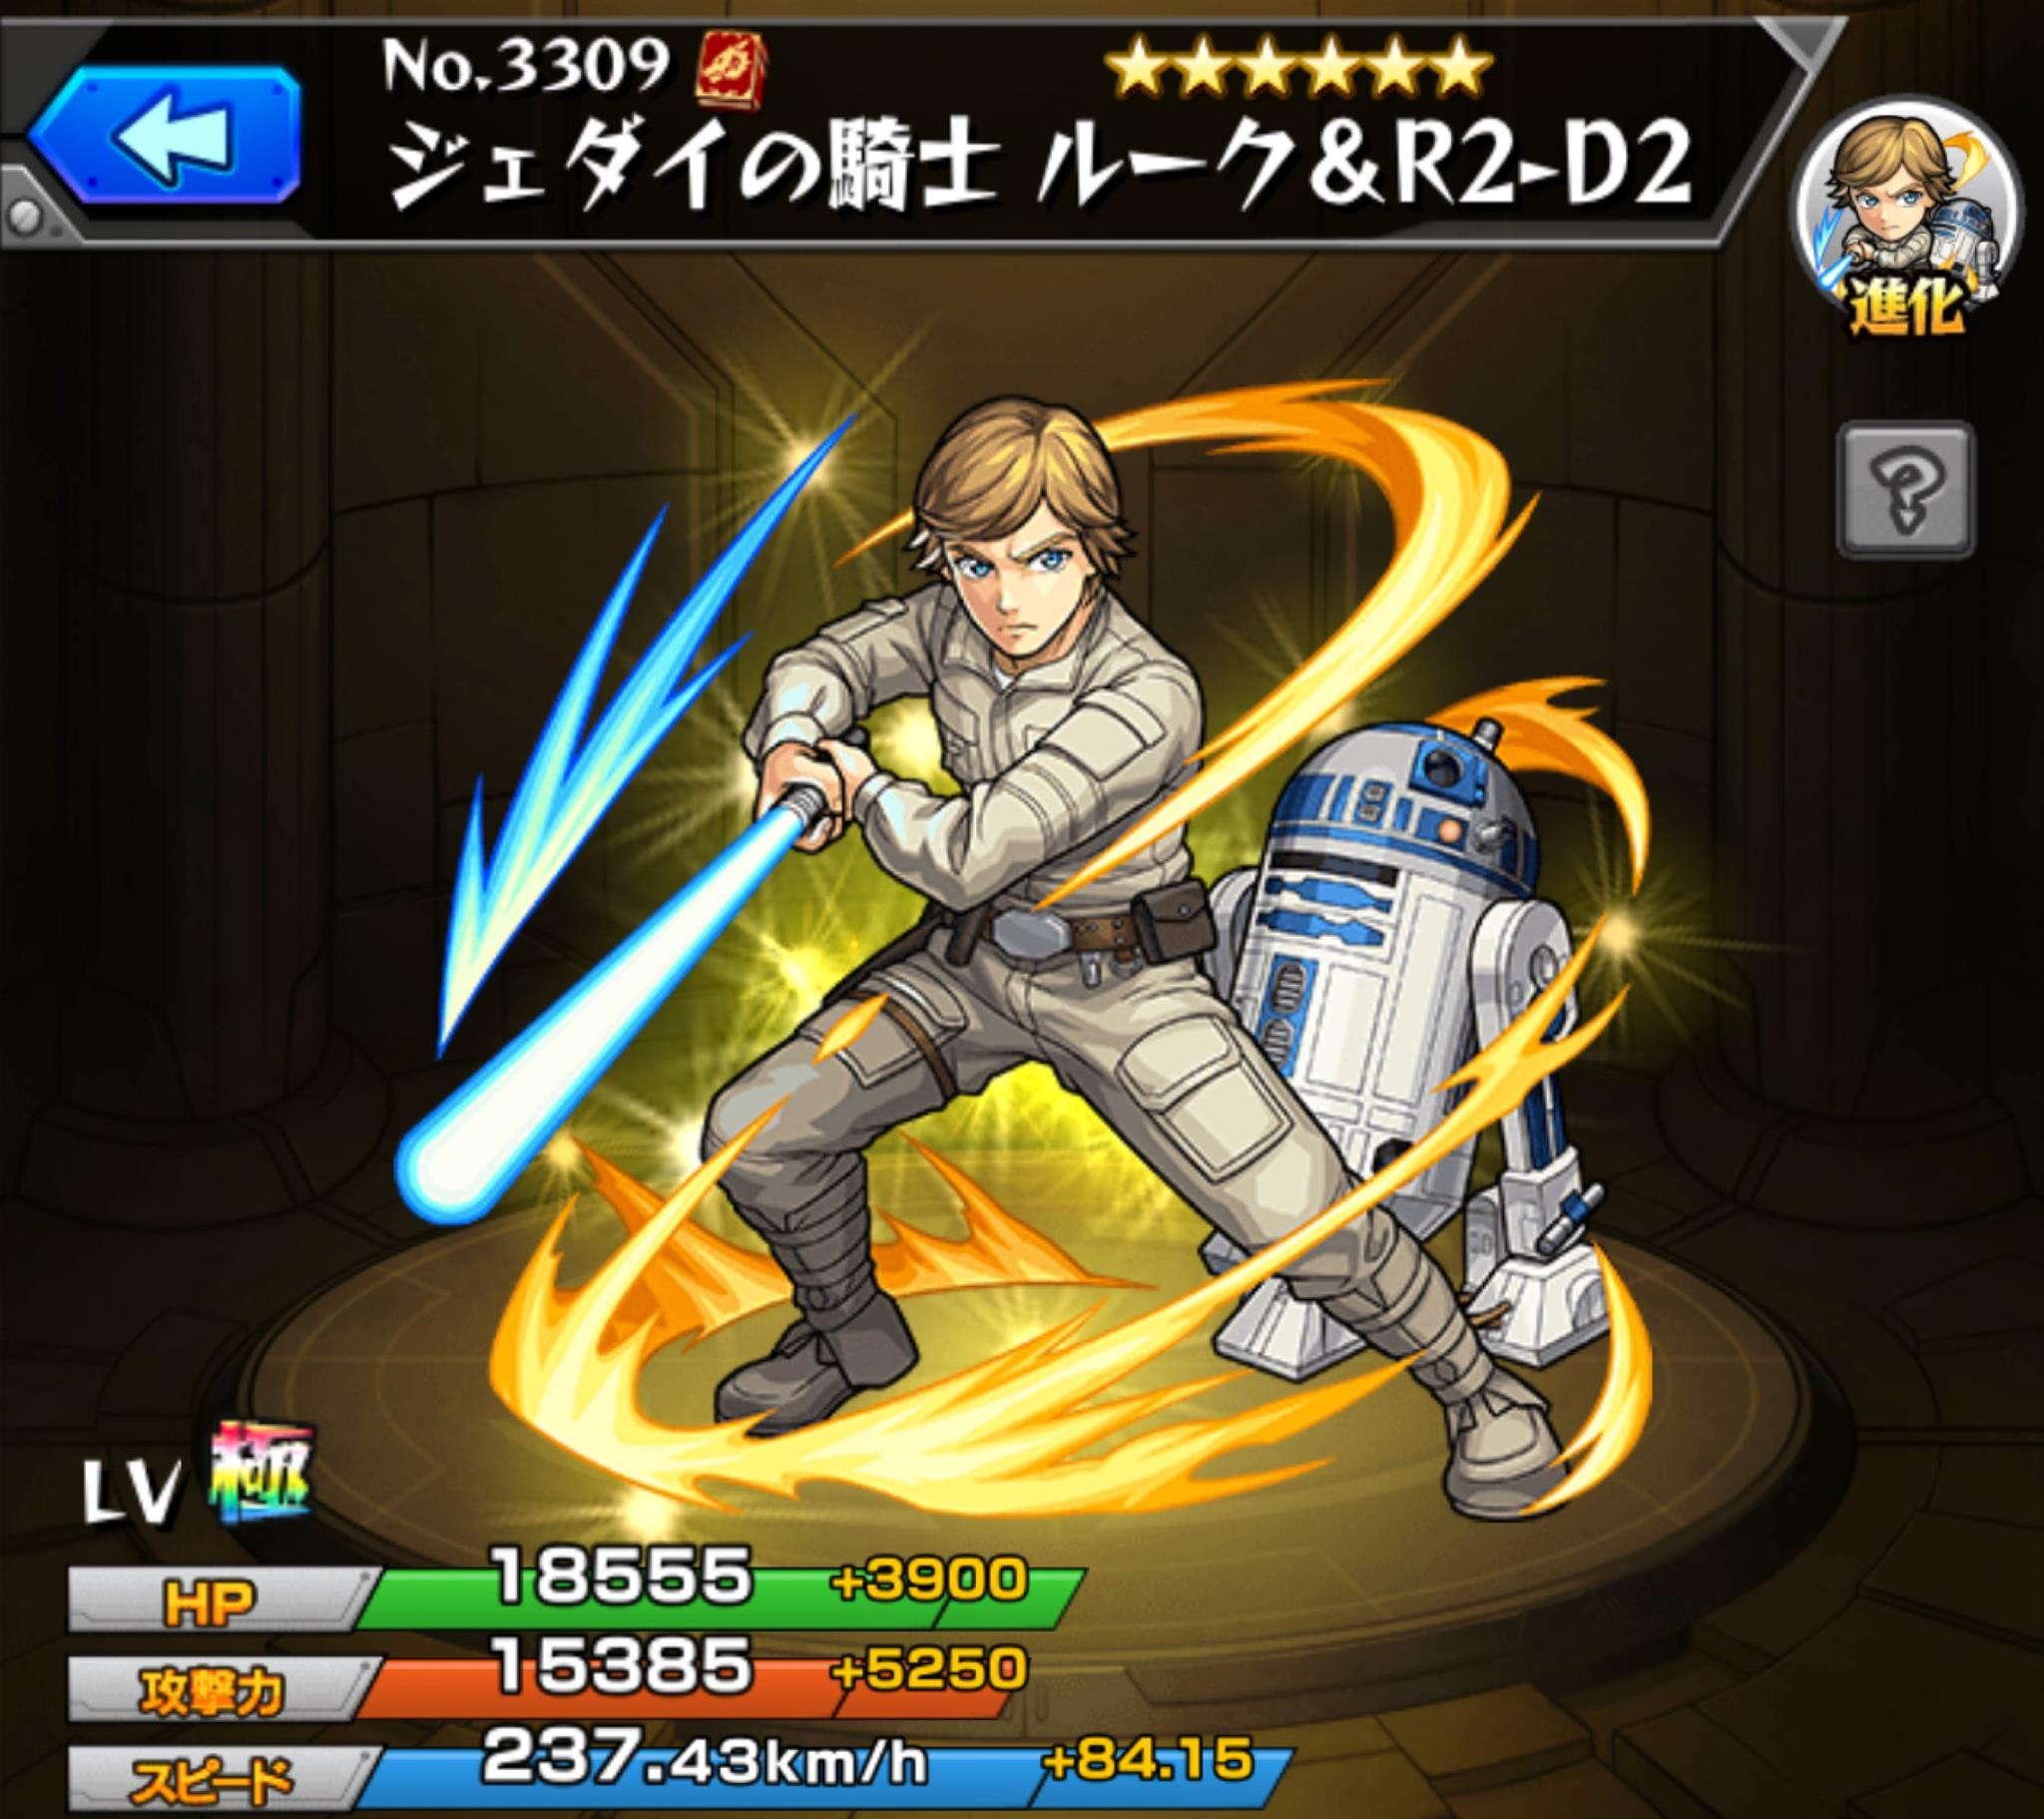 ジェダイの騎士 ルーク&R2-D2